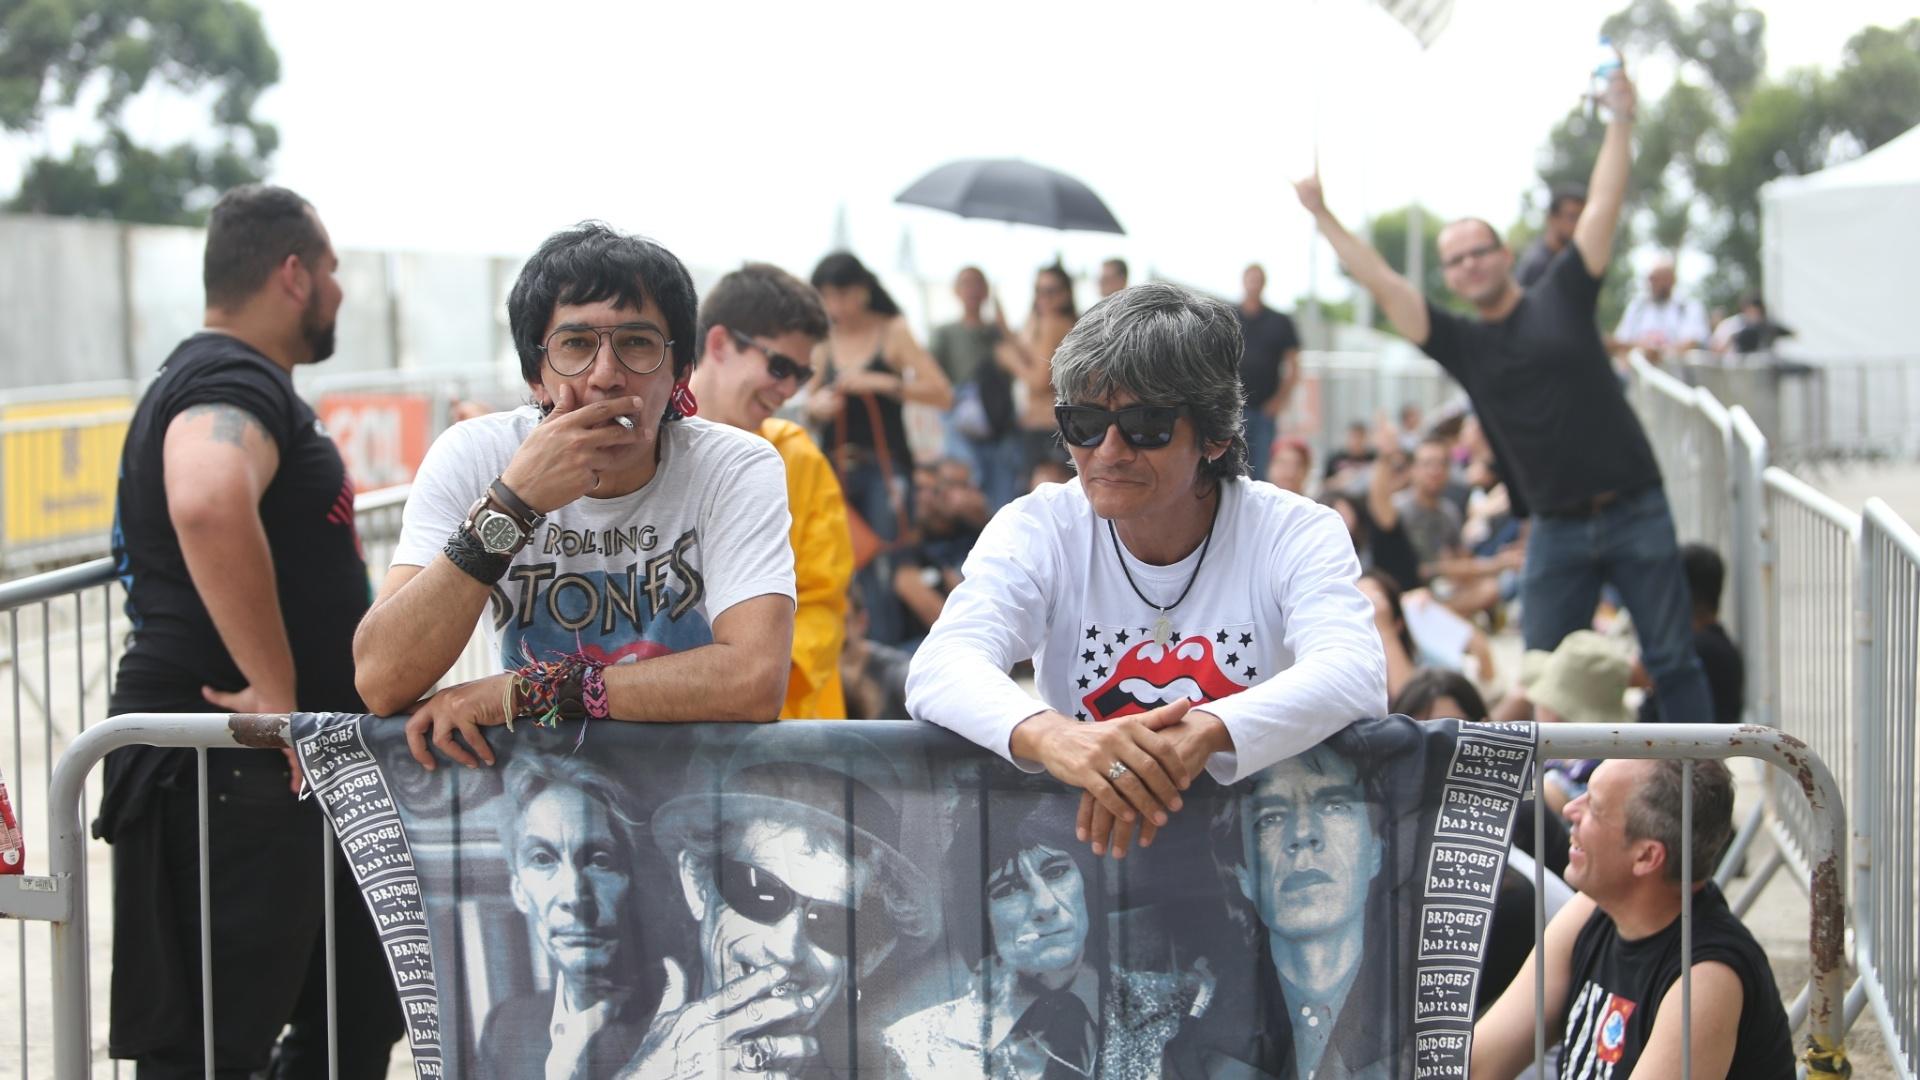 24.fev.2016 - Fãs exibem bandeirão dos Stones antes de entrar no estádio do Morumbi para assistir ao primeiro show da